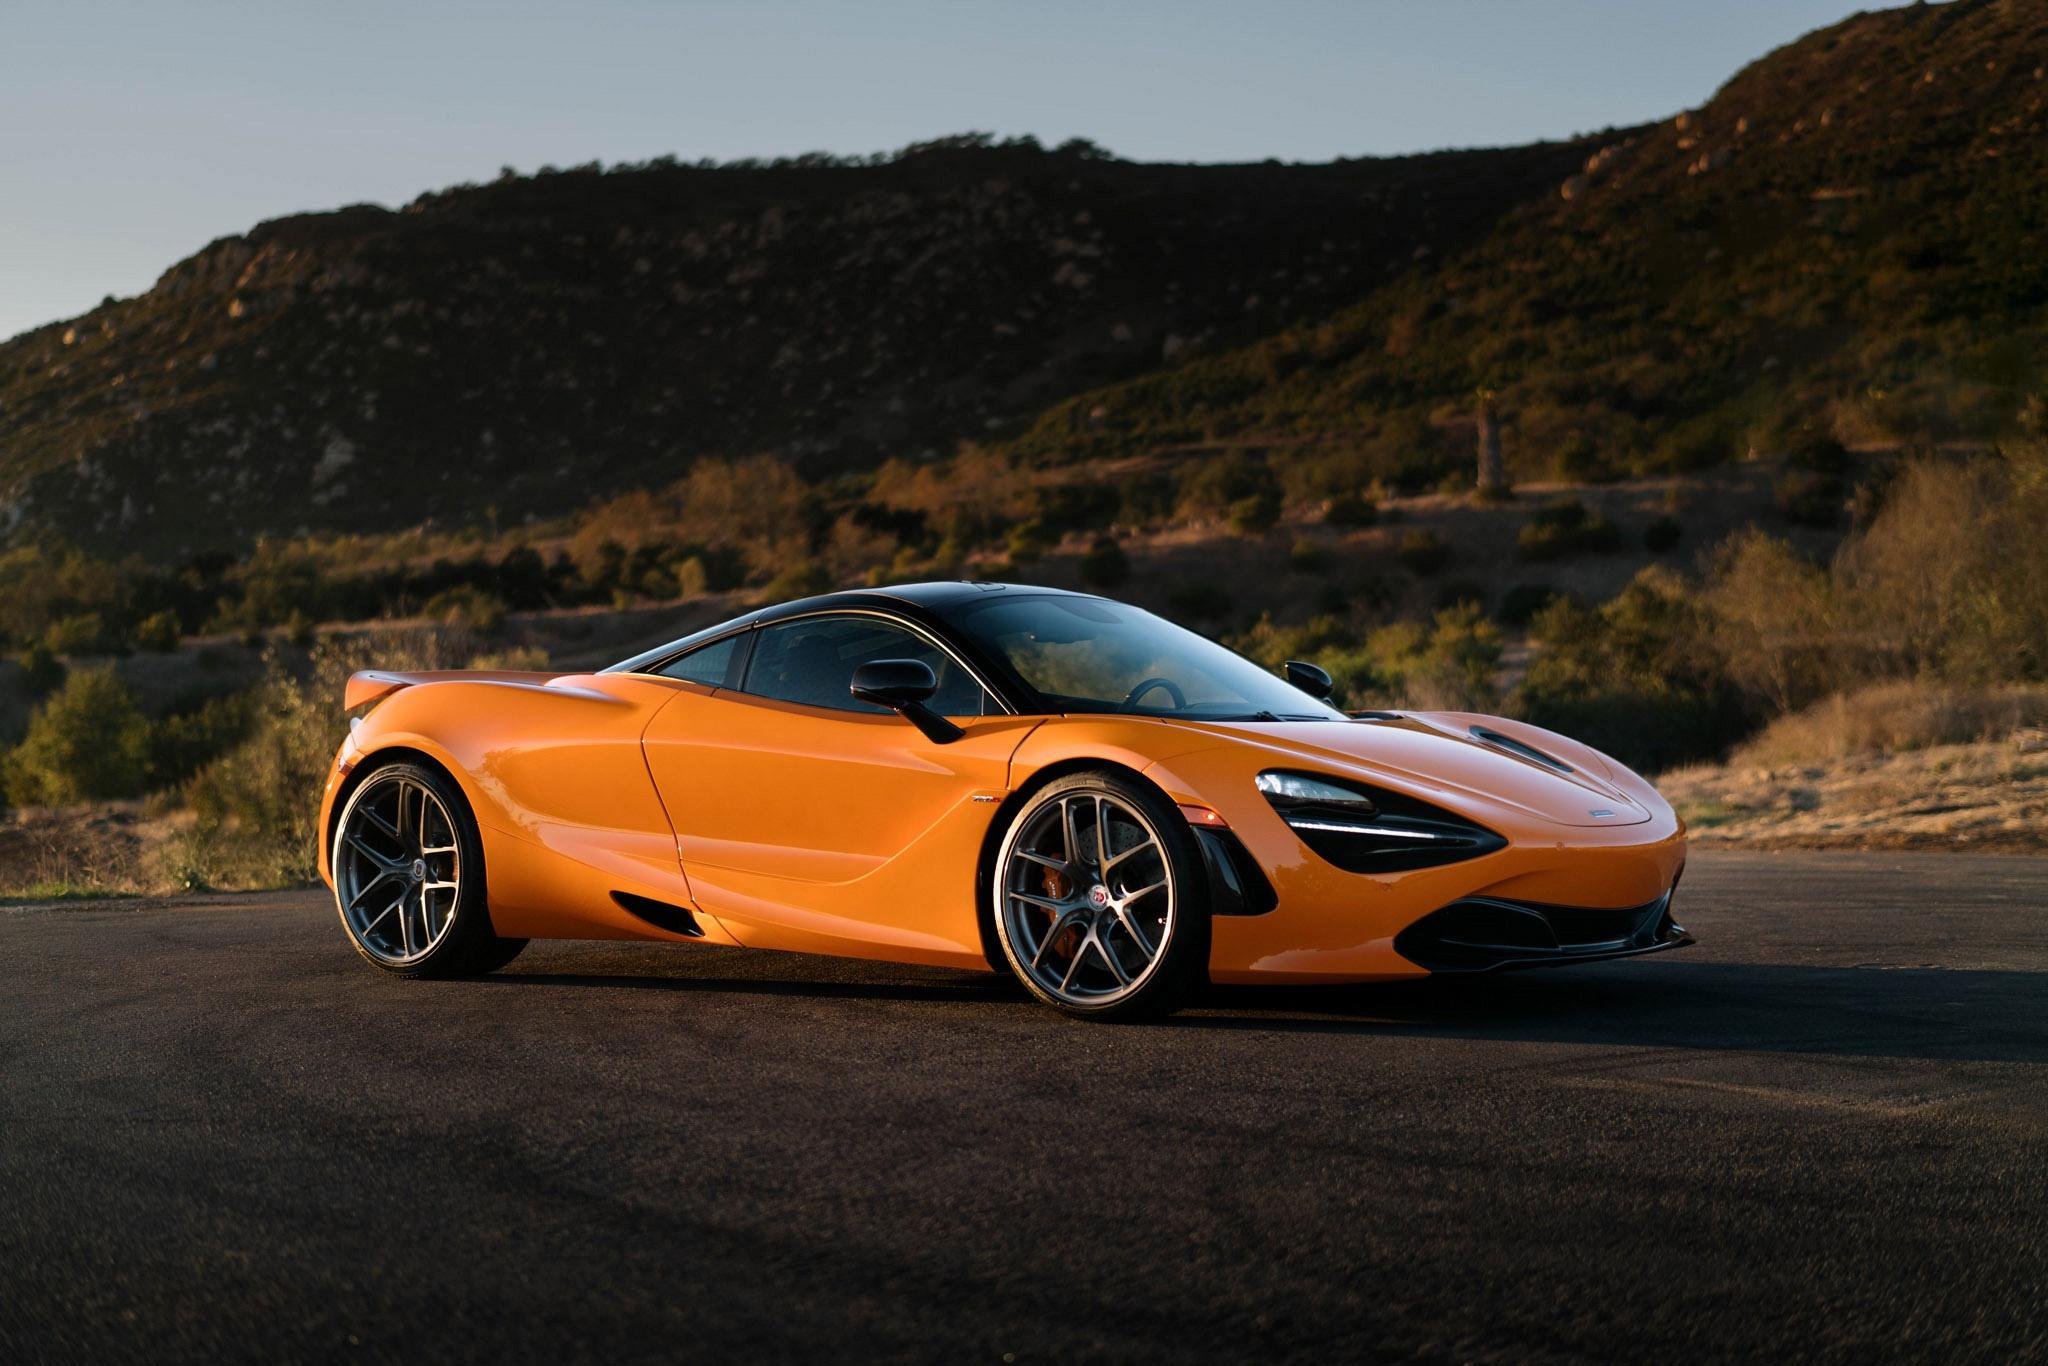 McLaren 720S HD Wallpaper | Background Image | 2048x1366 ...